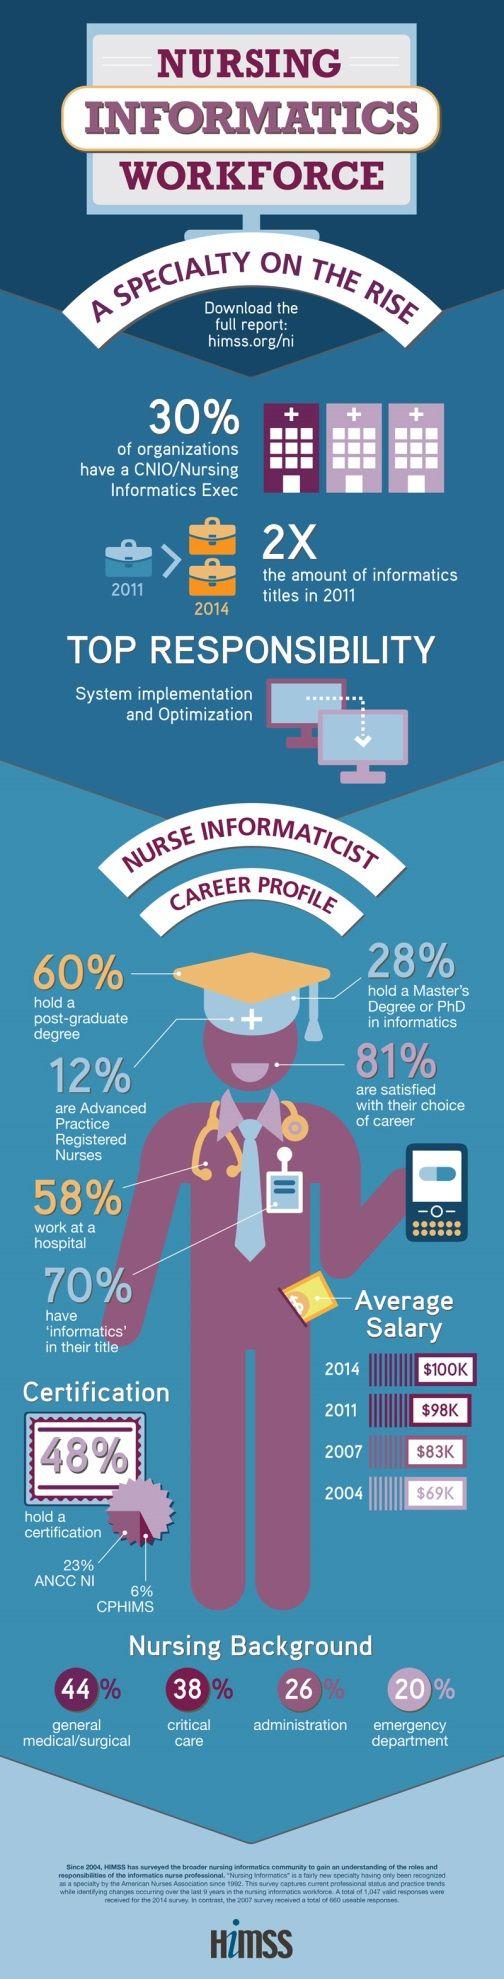 how to become a nurse informatics